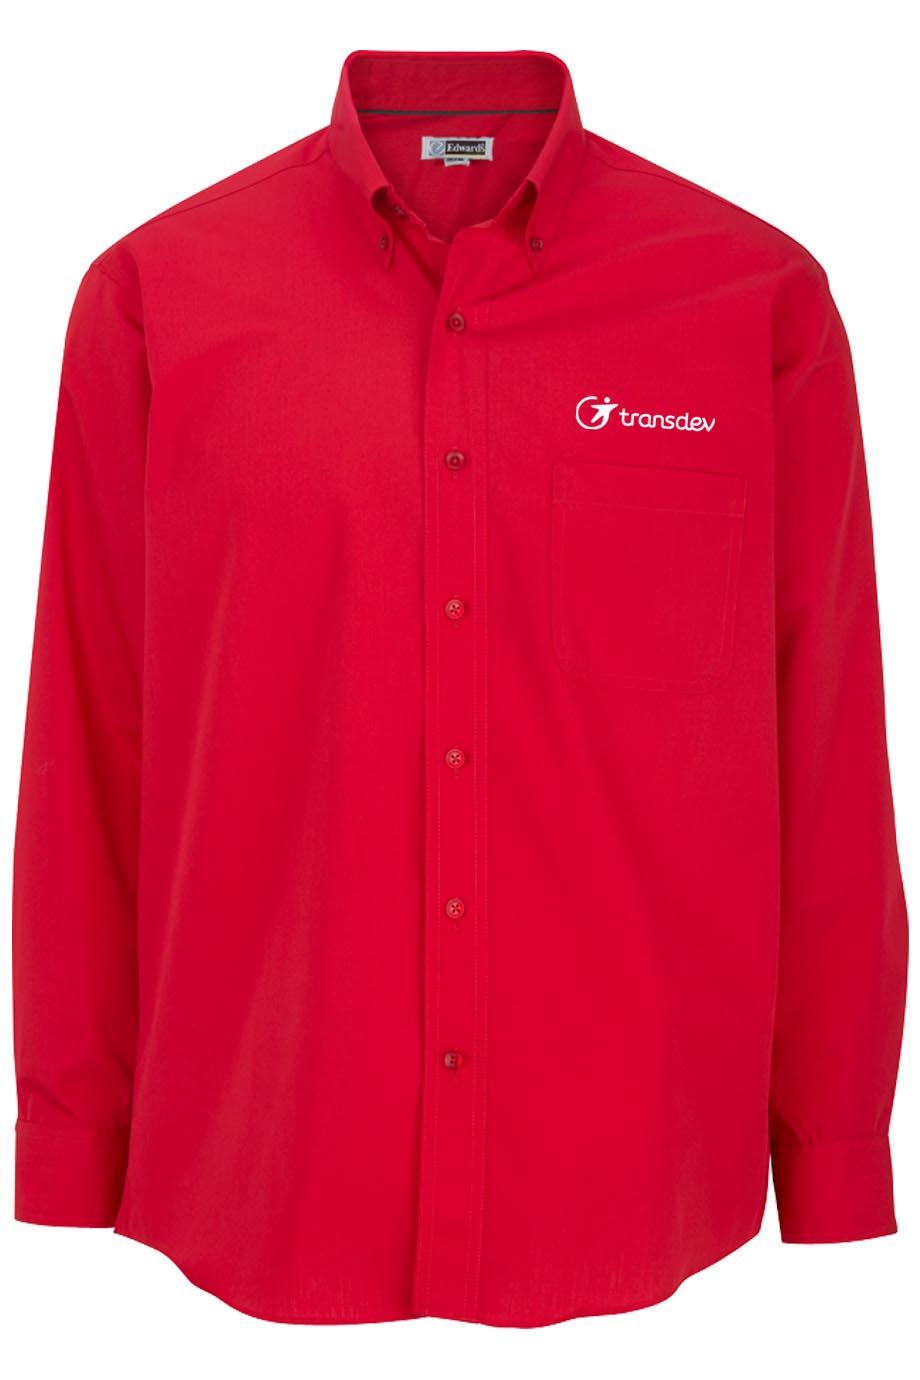 Edwards Mens Lightweight Long Sleeve Poplin Shirt-Capp Uniform Services